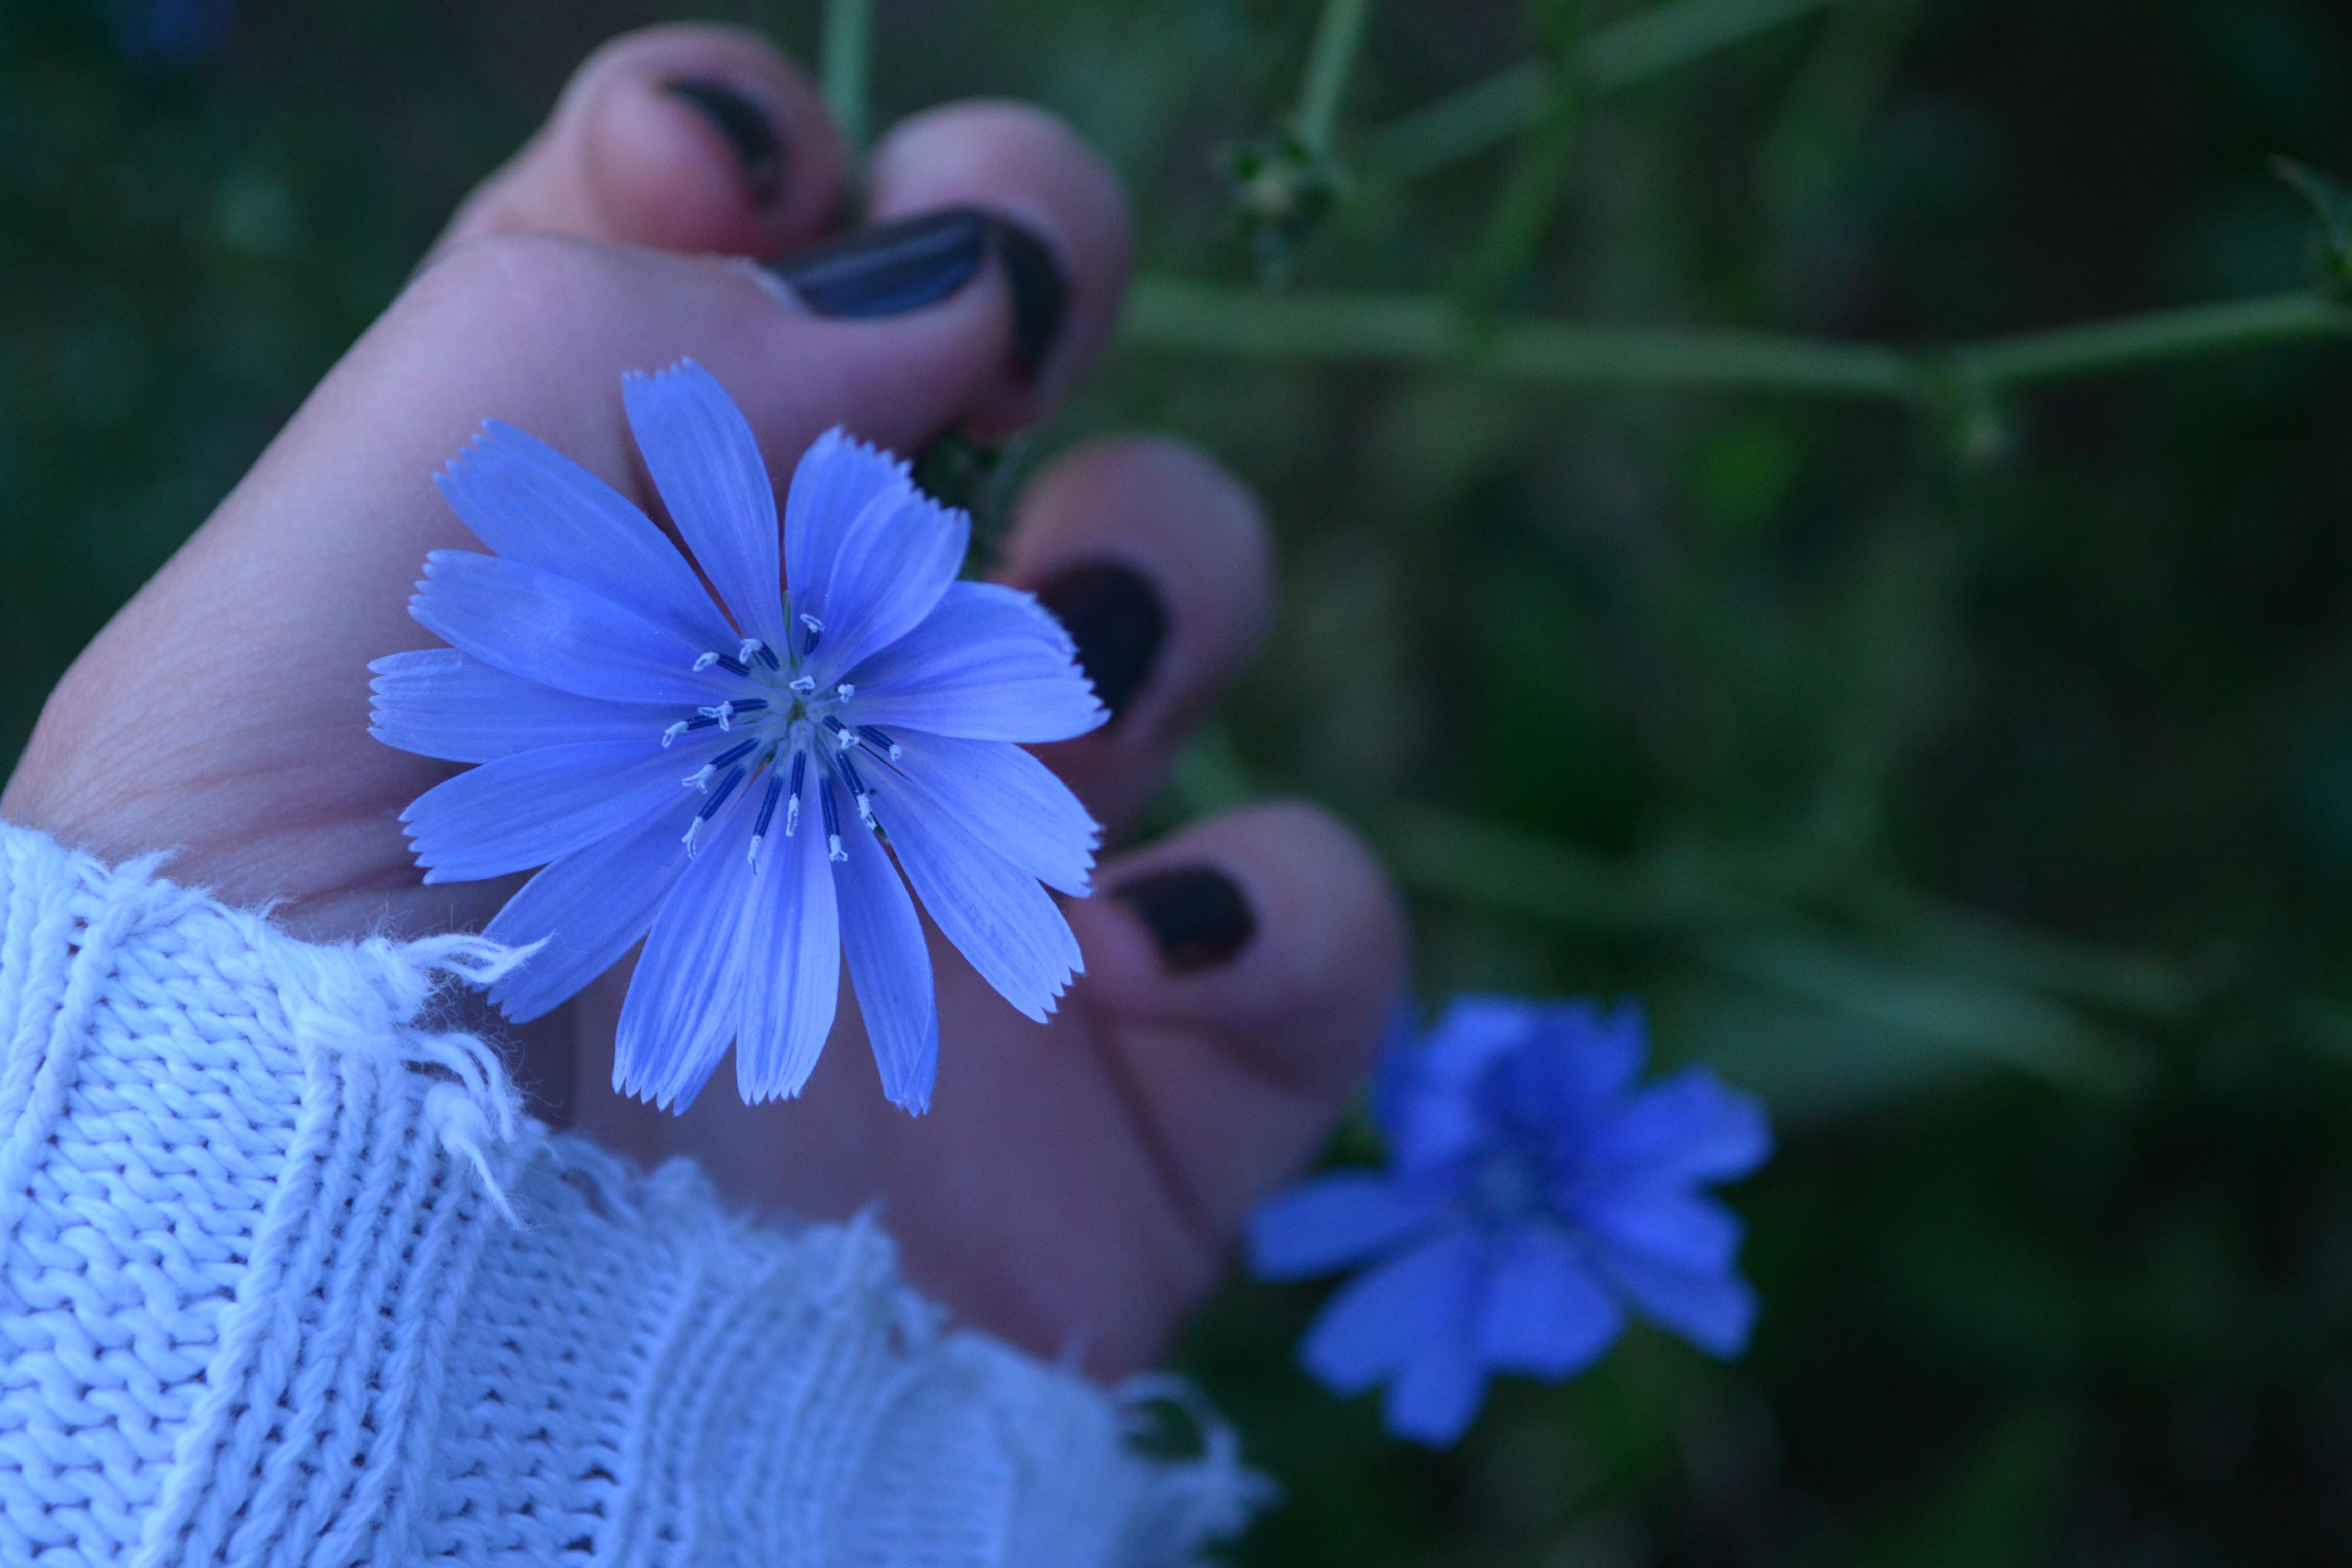 ba-232-blue-flower-by-abby